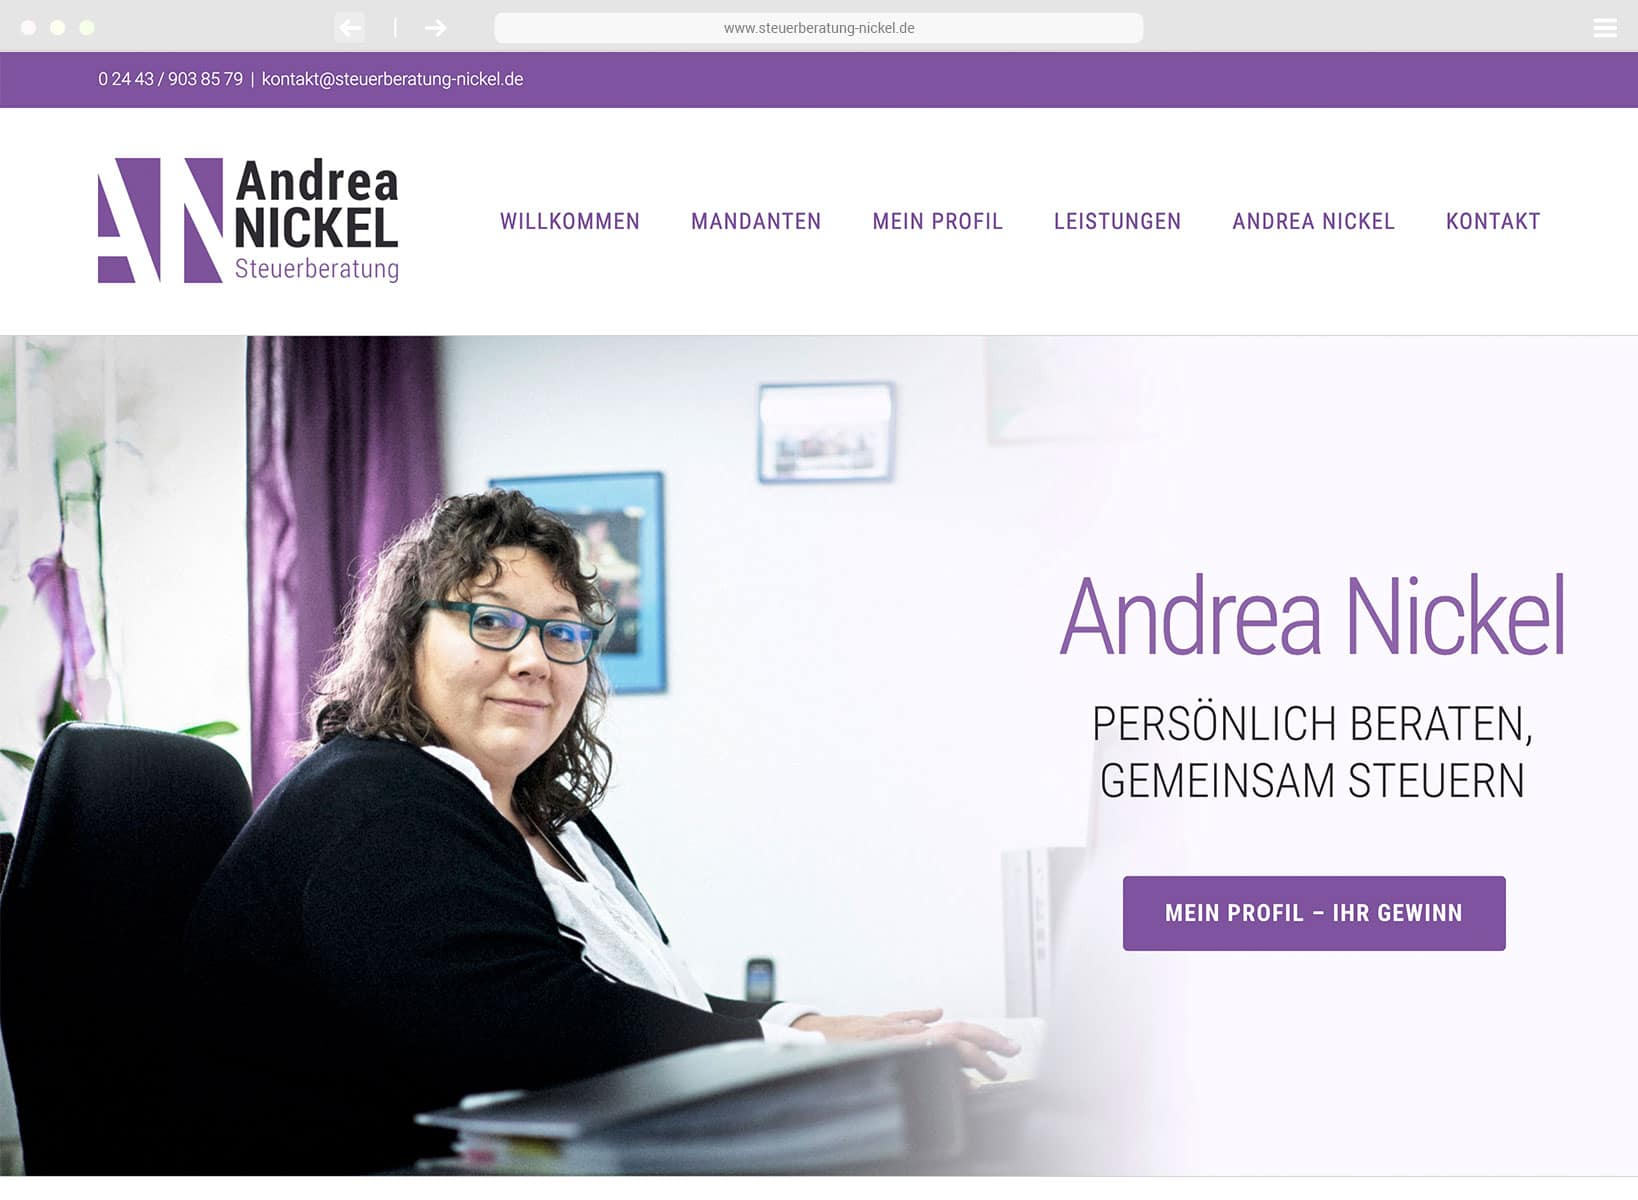 www.steuerberatung-nickel.de